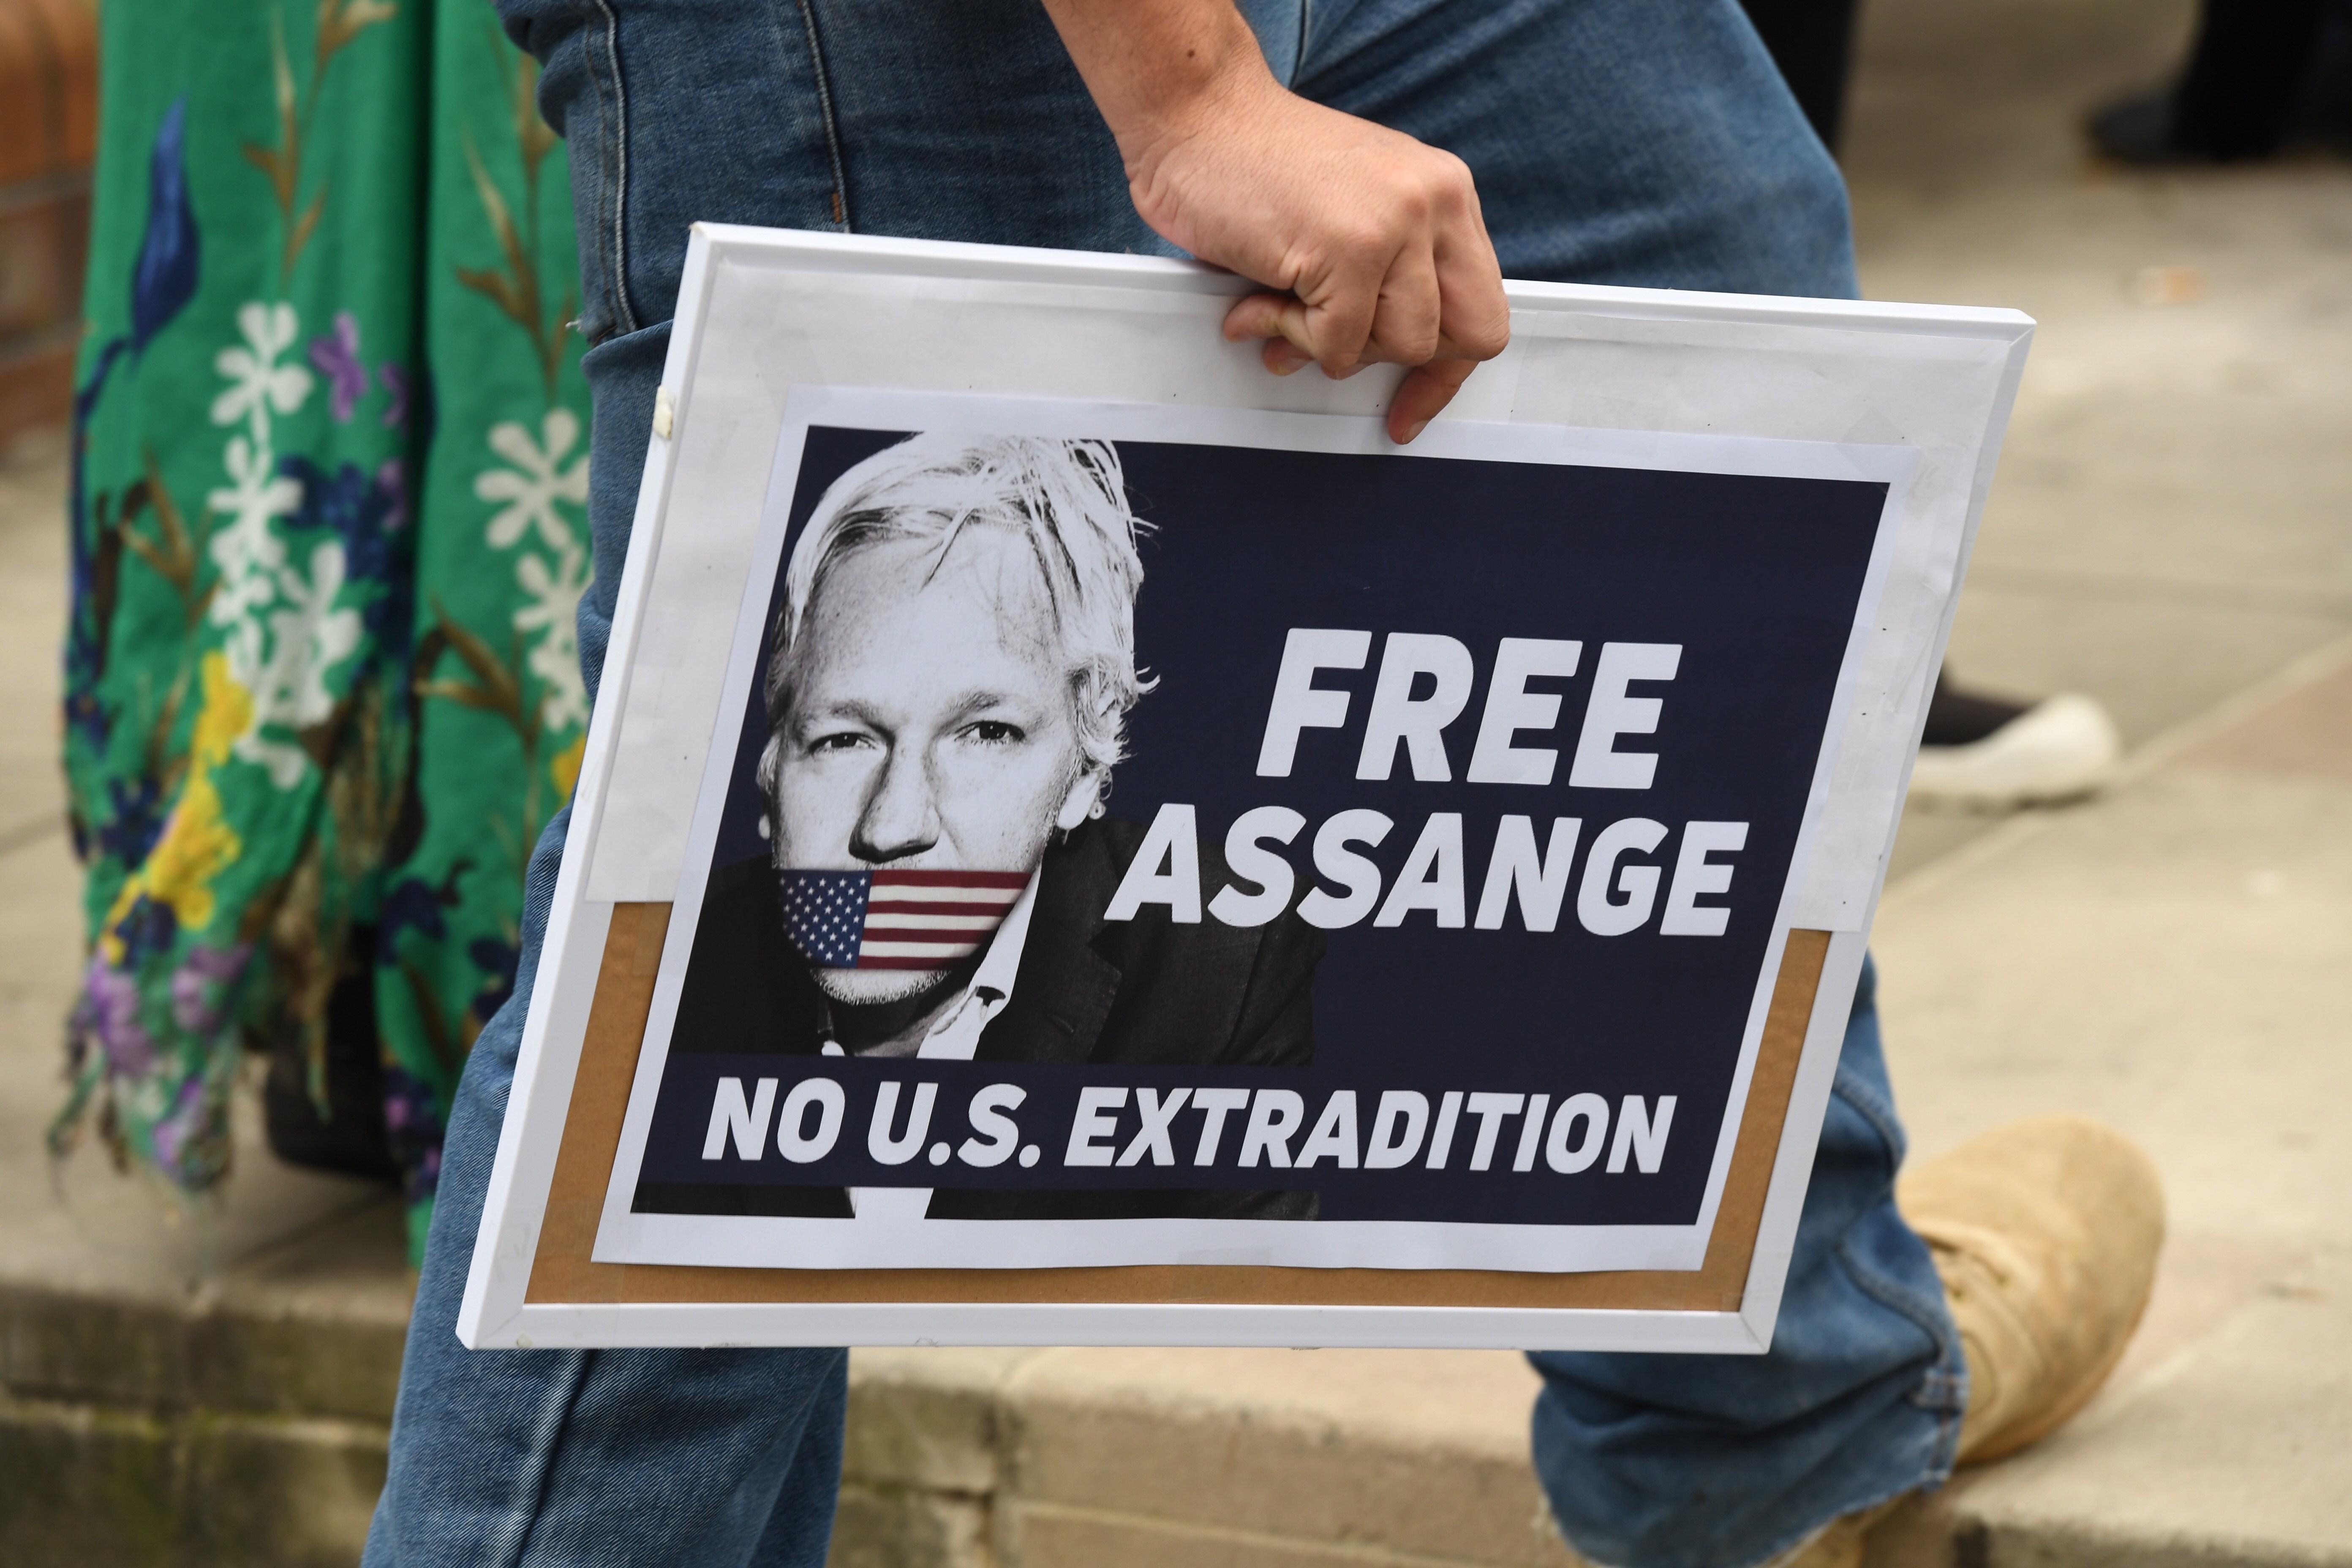 EPA3402. SÍDNEY (AUSTRALIA), 12/04/2019.- Manifestantes sostienen pancartas durante un mitin para pedir la liberación del fundador de WikiLeaks, Julian Assange este viernes, en Sídney, (Australia). El presidente de Ecuador, Lenin Moreno, retiró el asilo de Assange, luego de acusarlo de violar acuerdos internacionales, un protocolo especial de Convivencia y participación en una trama de desestabilización institucional. Assange fue arrestado por las autoridades británicas el 11 de abril de 2019. EFE/ Peter Rae PROHIBIDO SU USO EN AUSTRALIA Y NUEVA ZELANDA